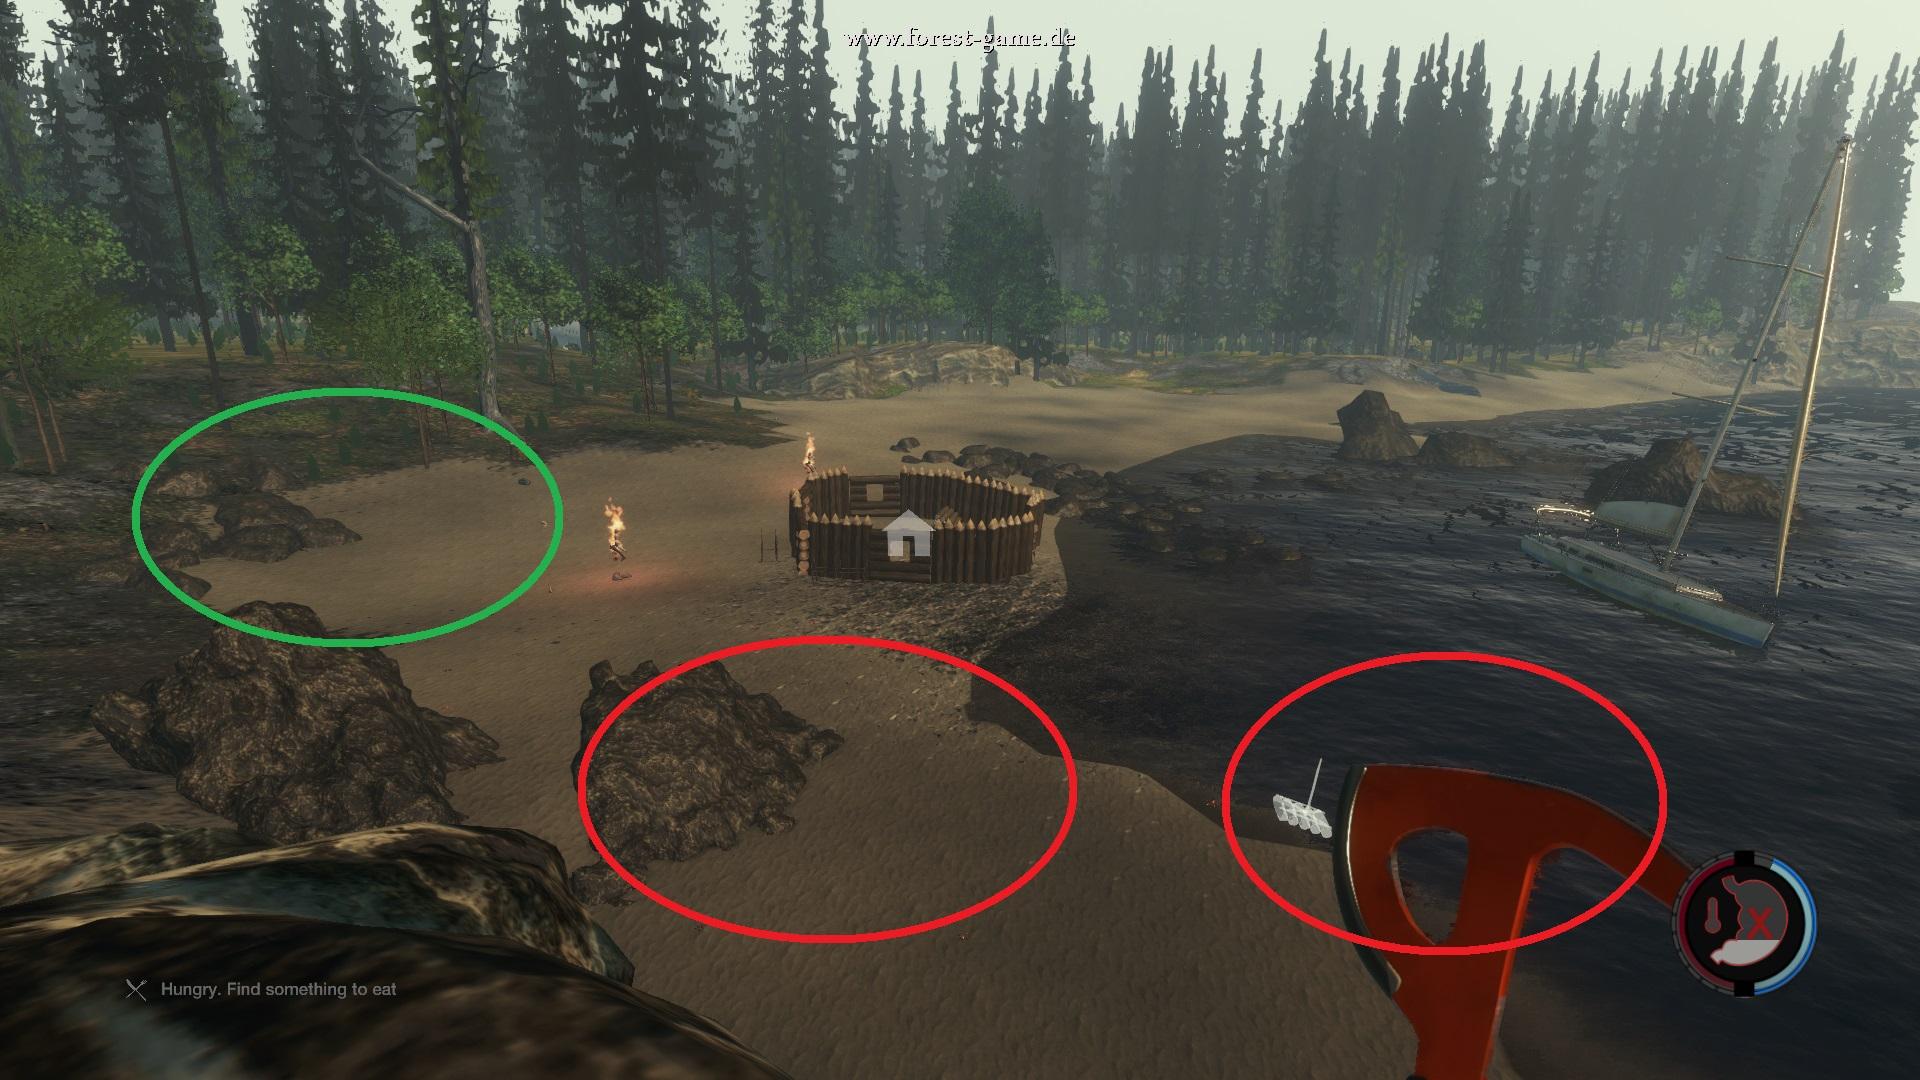 The Forest Karte Höhlen.Steam Community Guide Survival Basics Wo Stelle Ich Mein